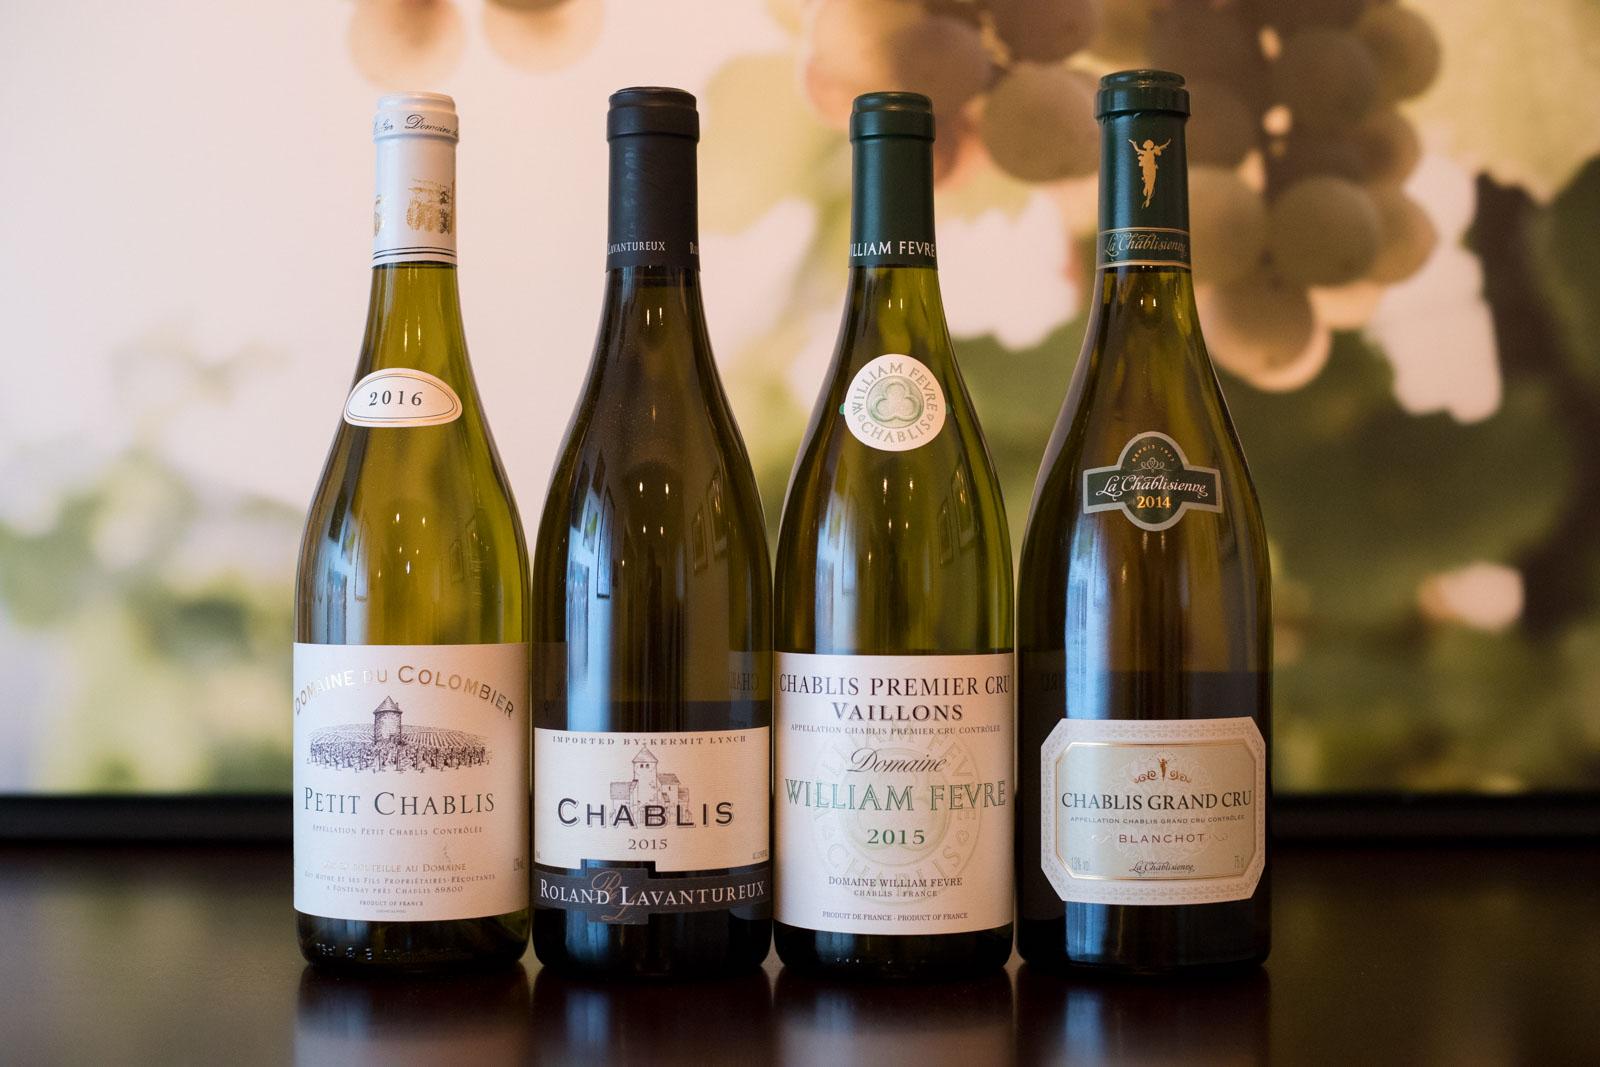 Енологія від професійного сомельє та  дегустація вишуканих вин сортів Grand Cru и Premier Cru.